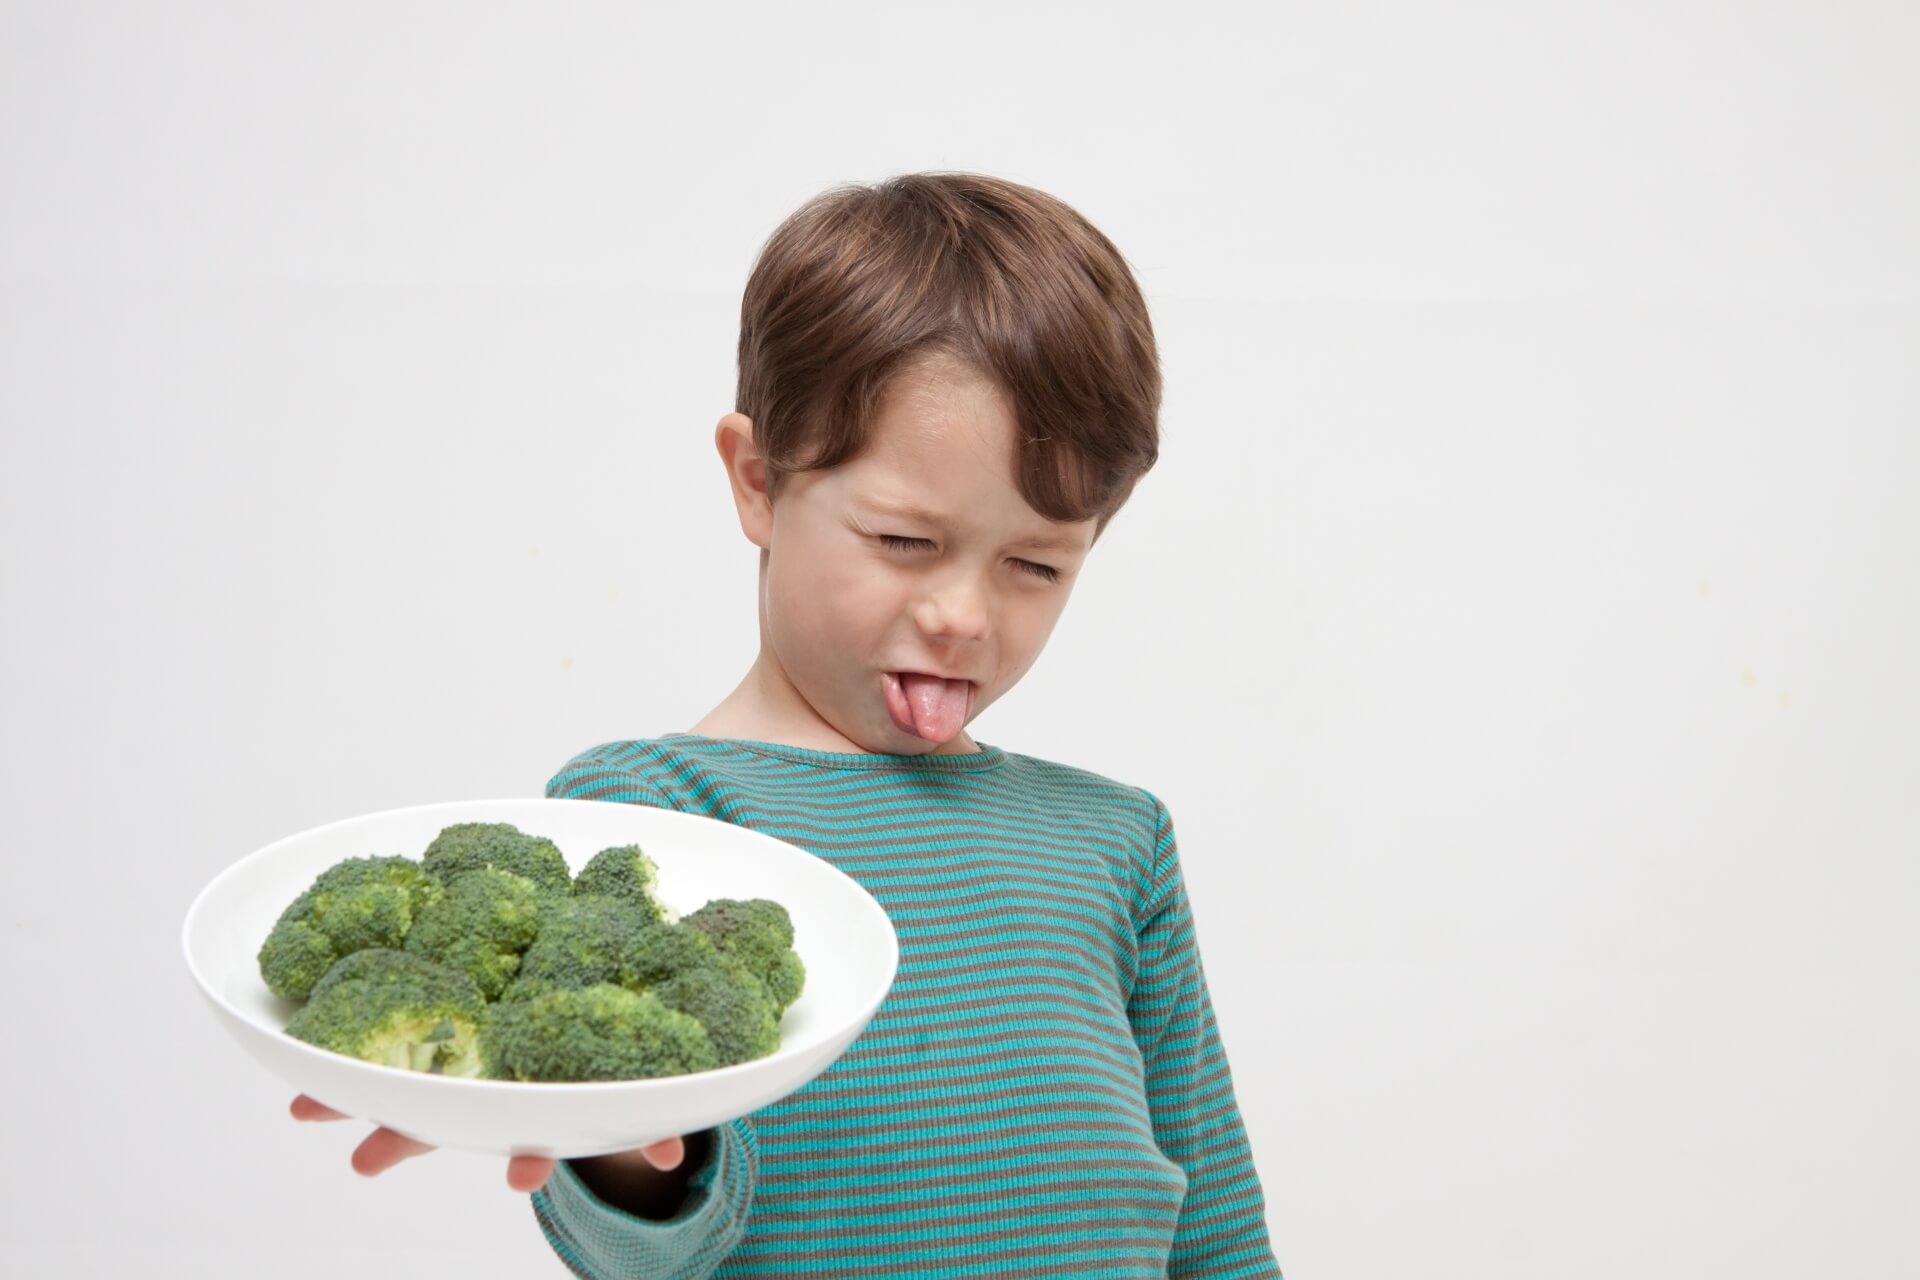 好き嫌いが多い子どもの食欲をわかせるための6つのアイディア